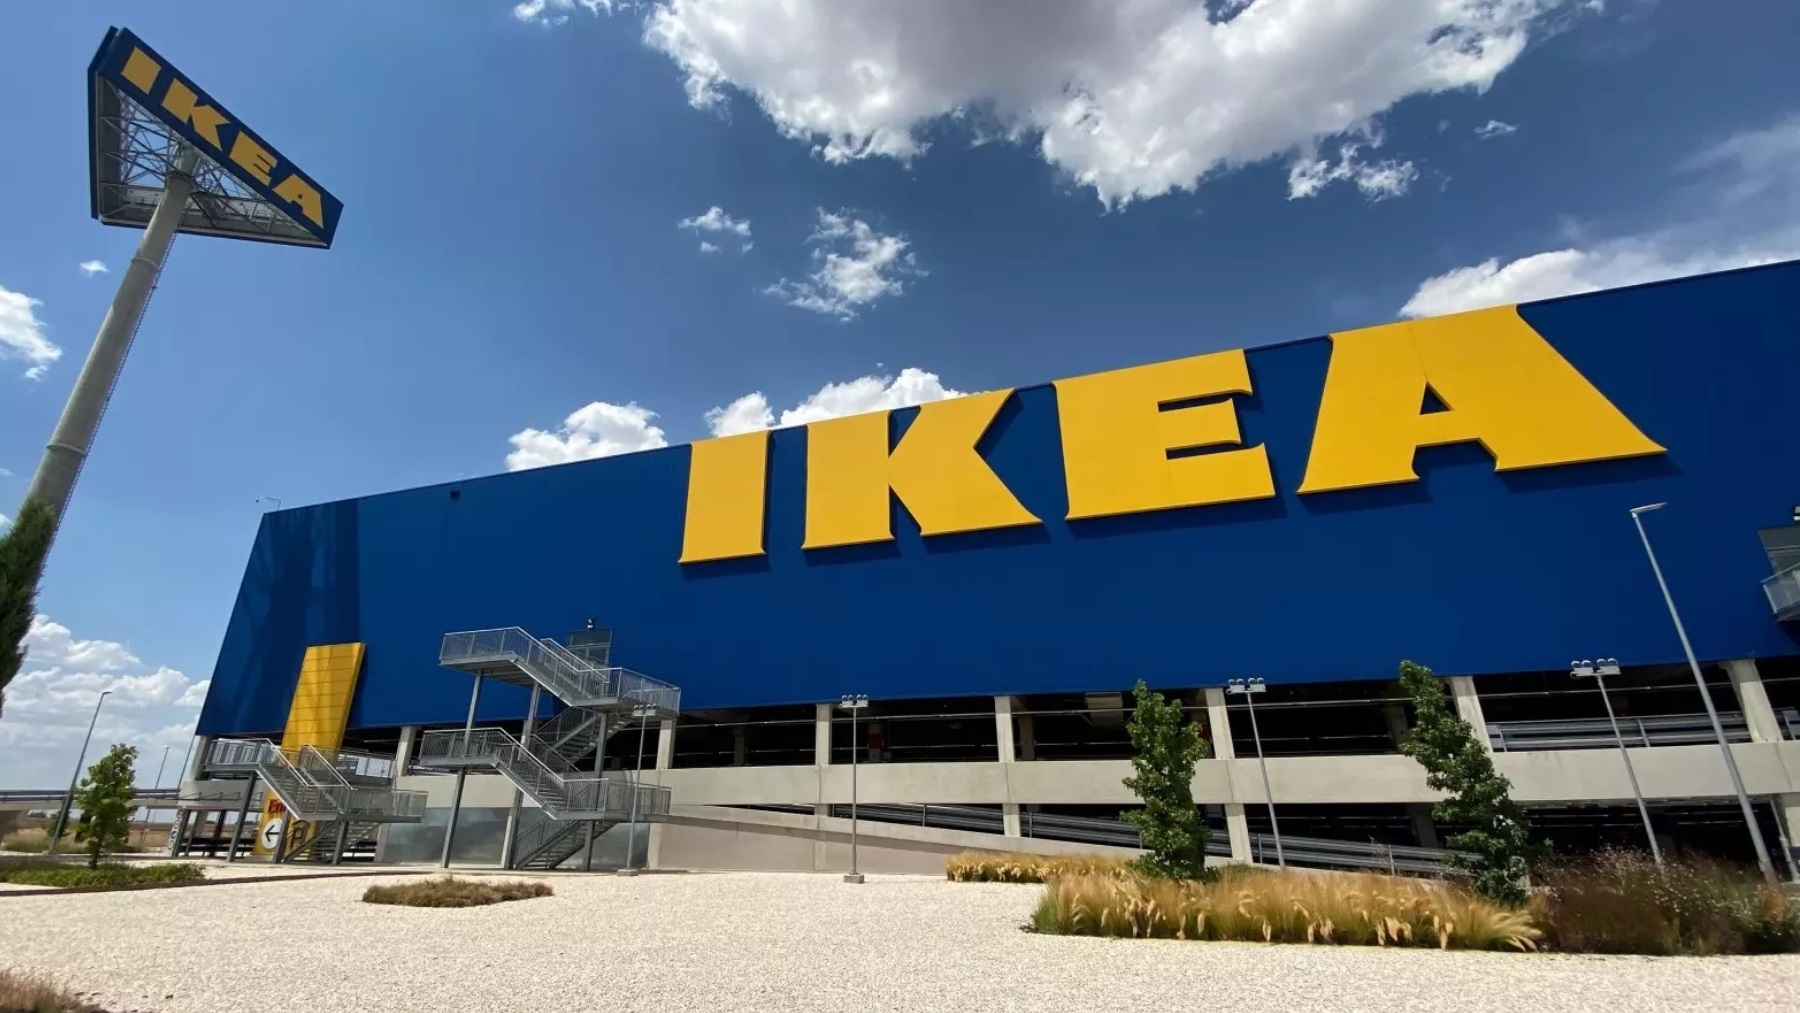 Centro de Ikea